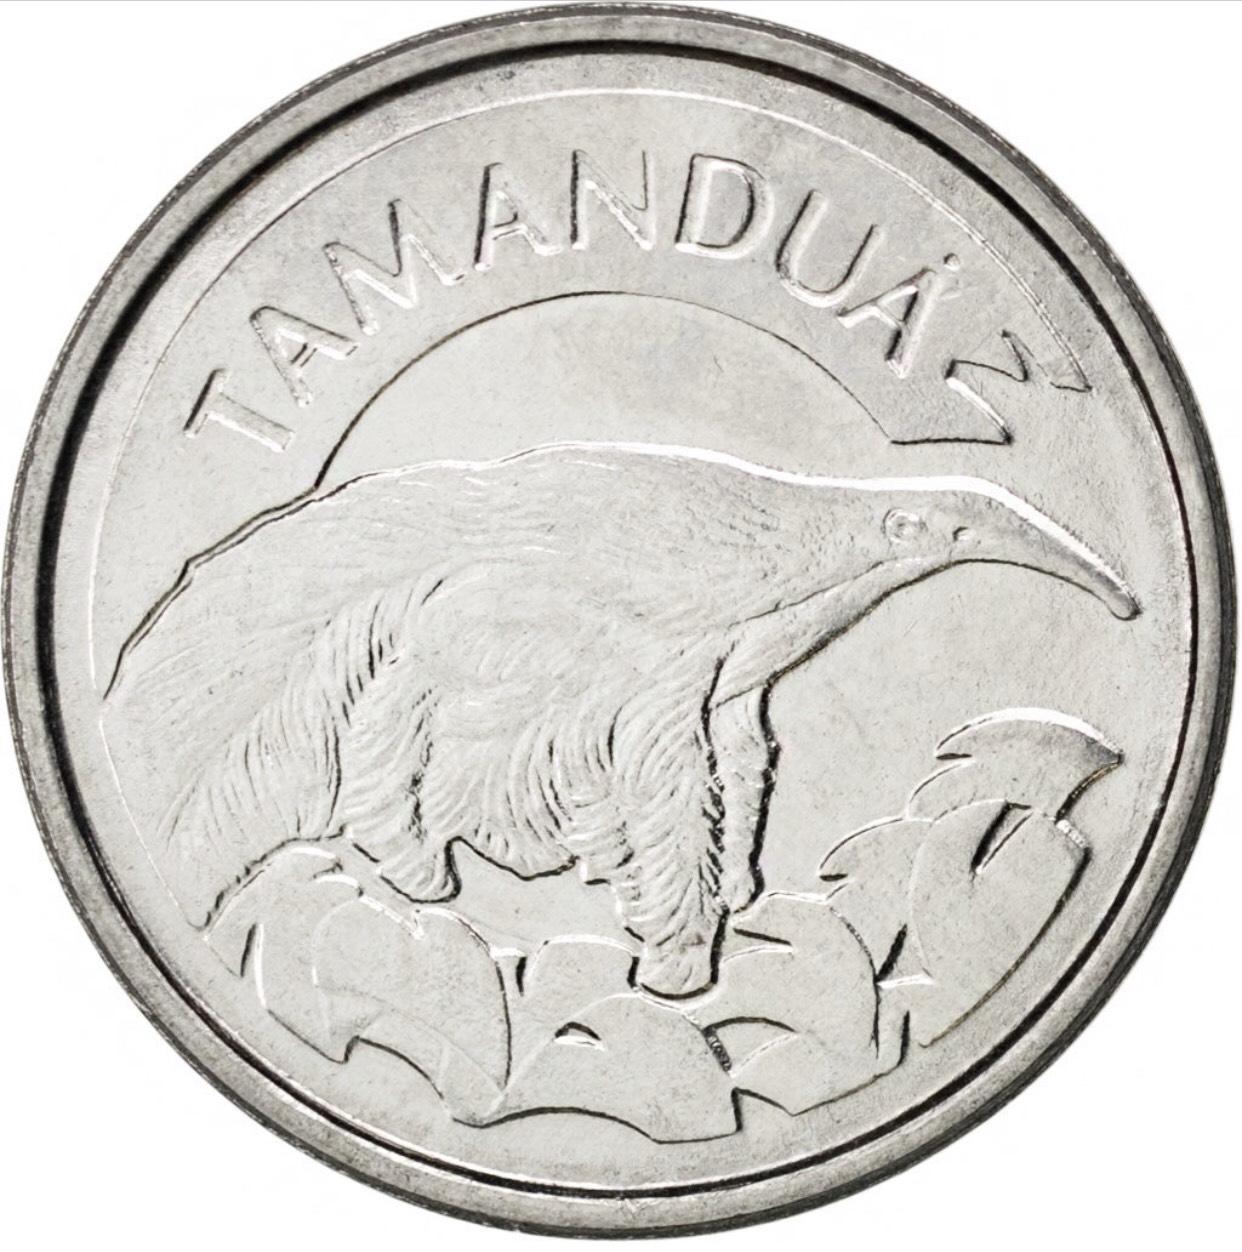 Đồng xu Brazil 10 centavos Chồn hôi Tamandua đặc trưng, [MỚI CỨNG, ĐẸP] sưu tầm 22mm